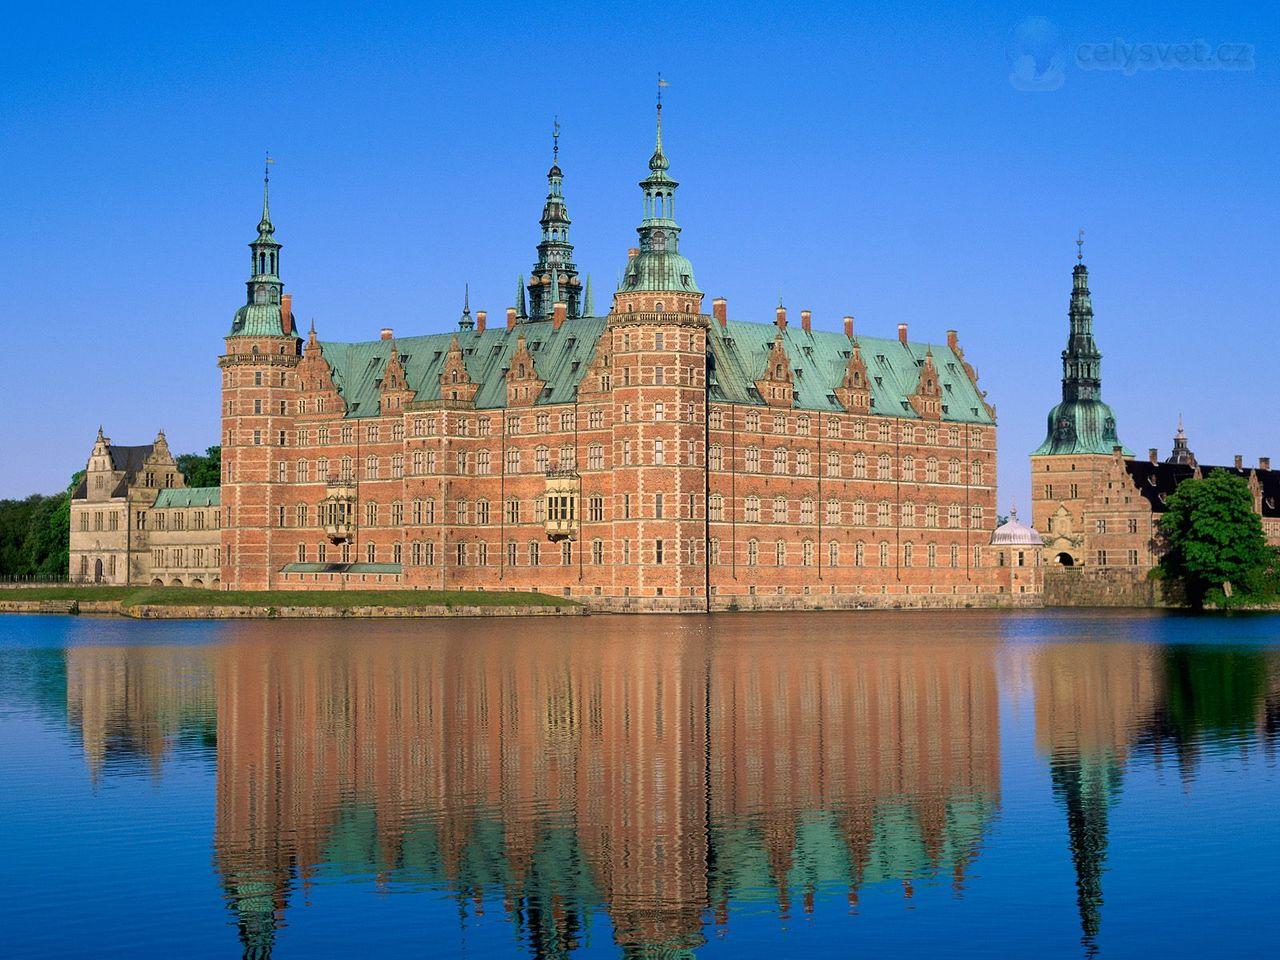 http://www.celysvet.cz/krasne-fotky/staty/121/frederiksborg-castle--hillerod--denmark.jpg